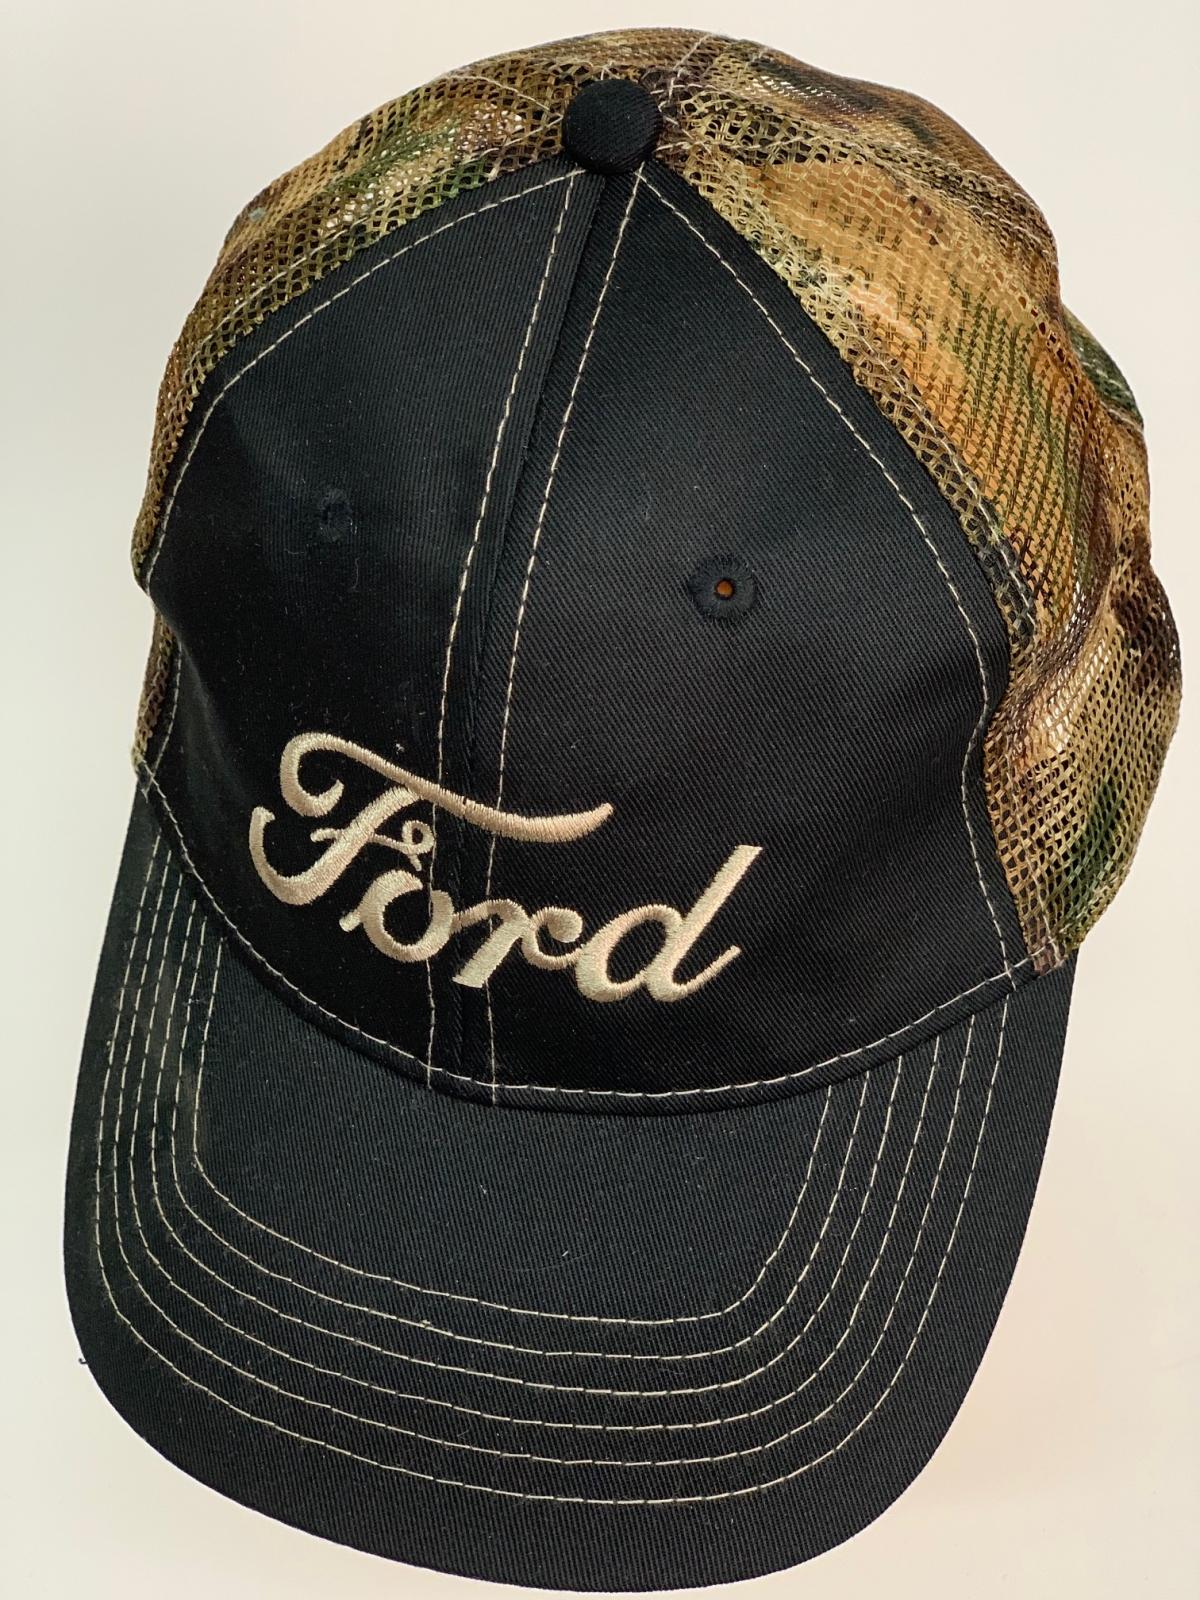 Бейсболка Ford с камуфляжной сеткой